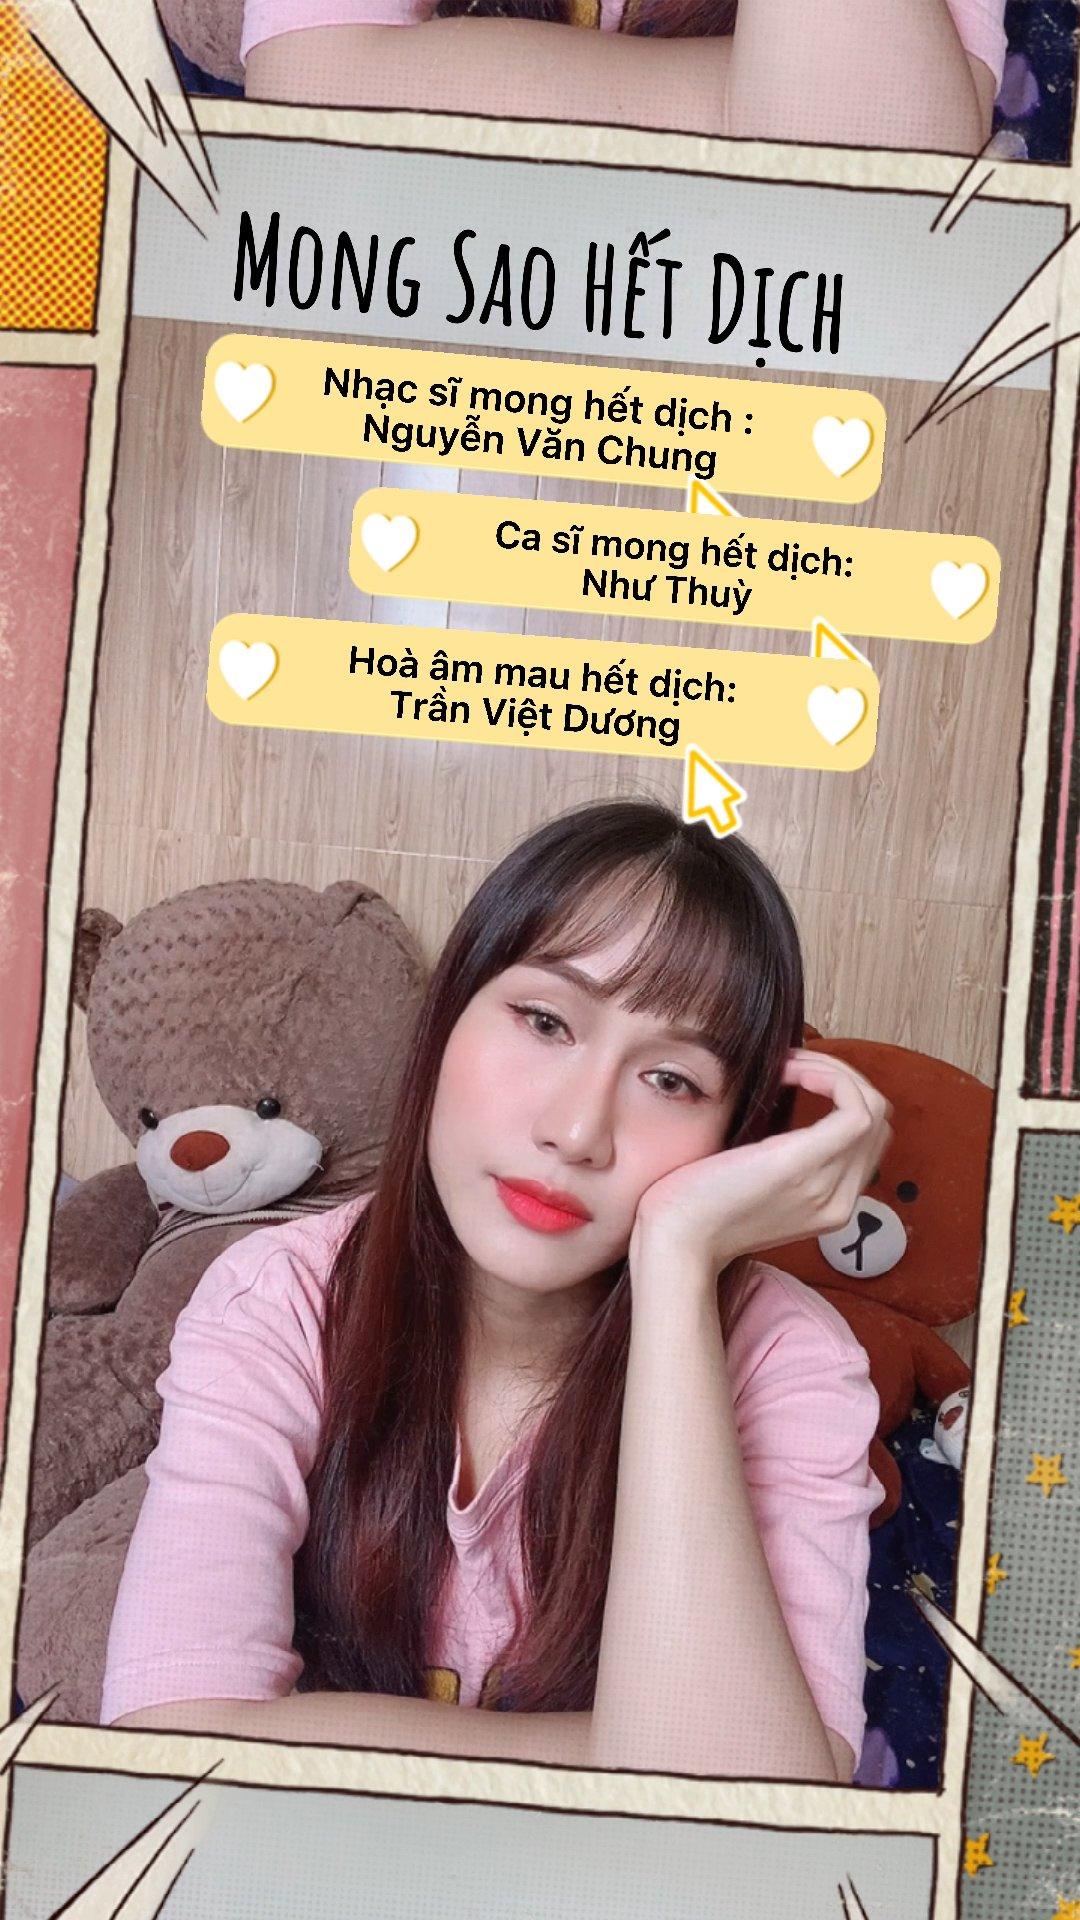 NS Nguyễn Văn Chung sáng tác ca khúc 'Mong sao hết dịch' với ca từ dễ thương 3